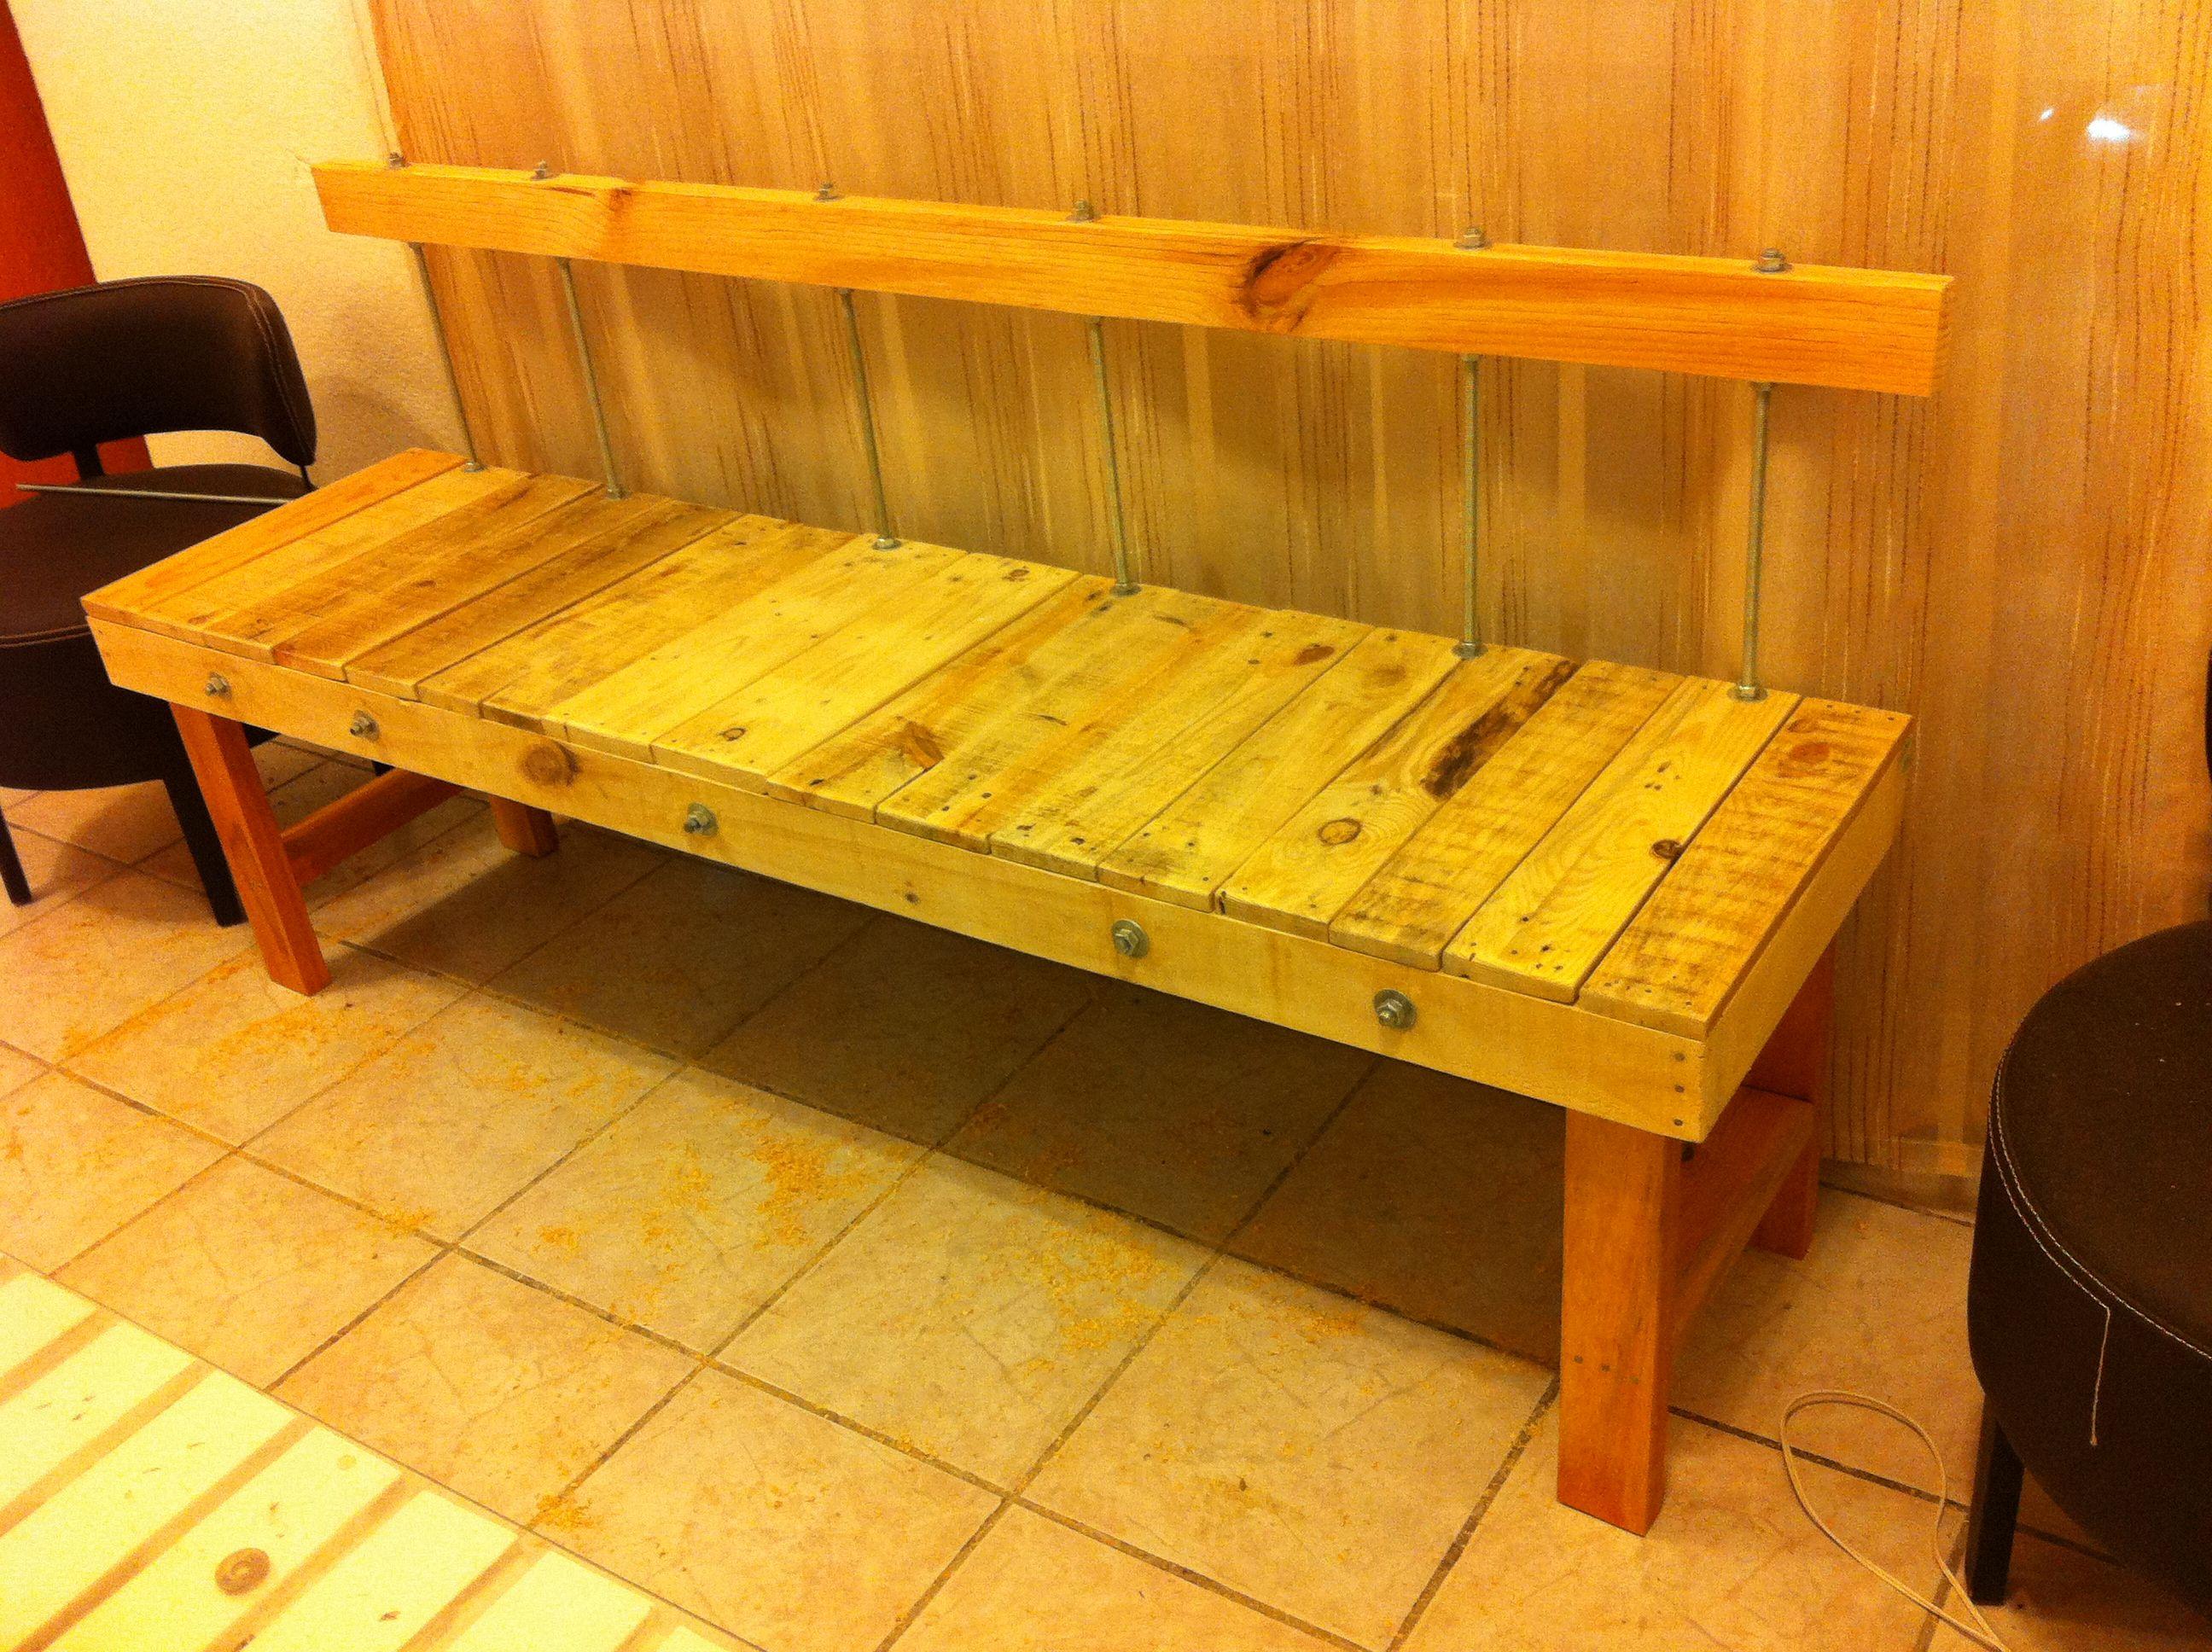 Banco con respaldo de madera rescatada y barrotes de for Bancos de madera para interior baratos